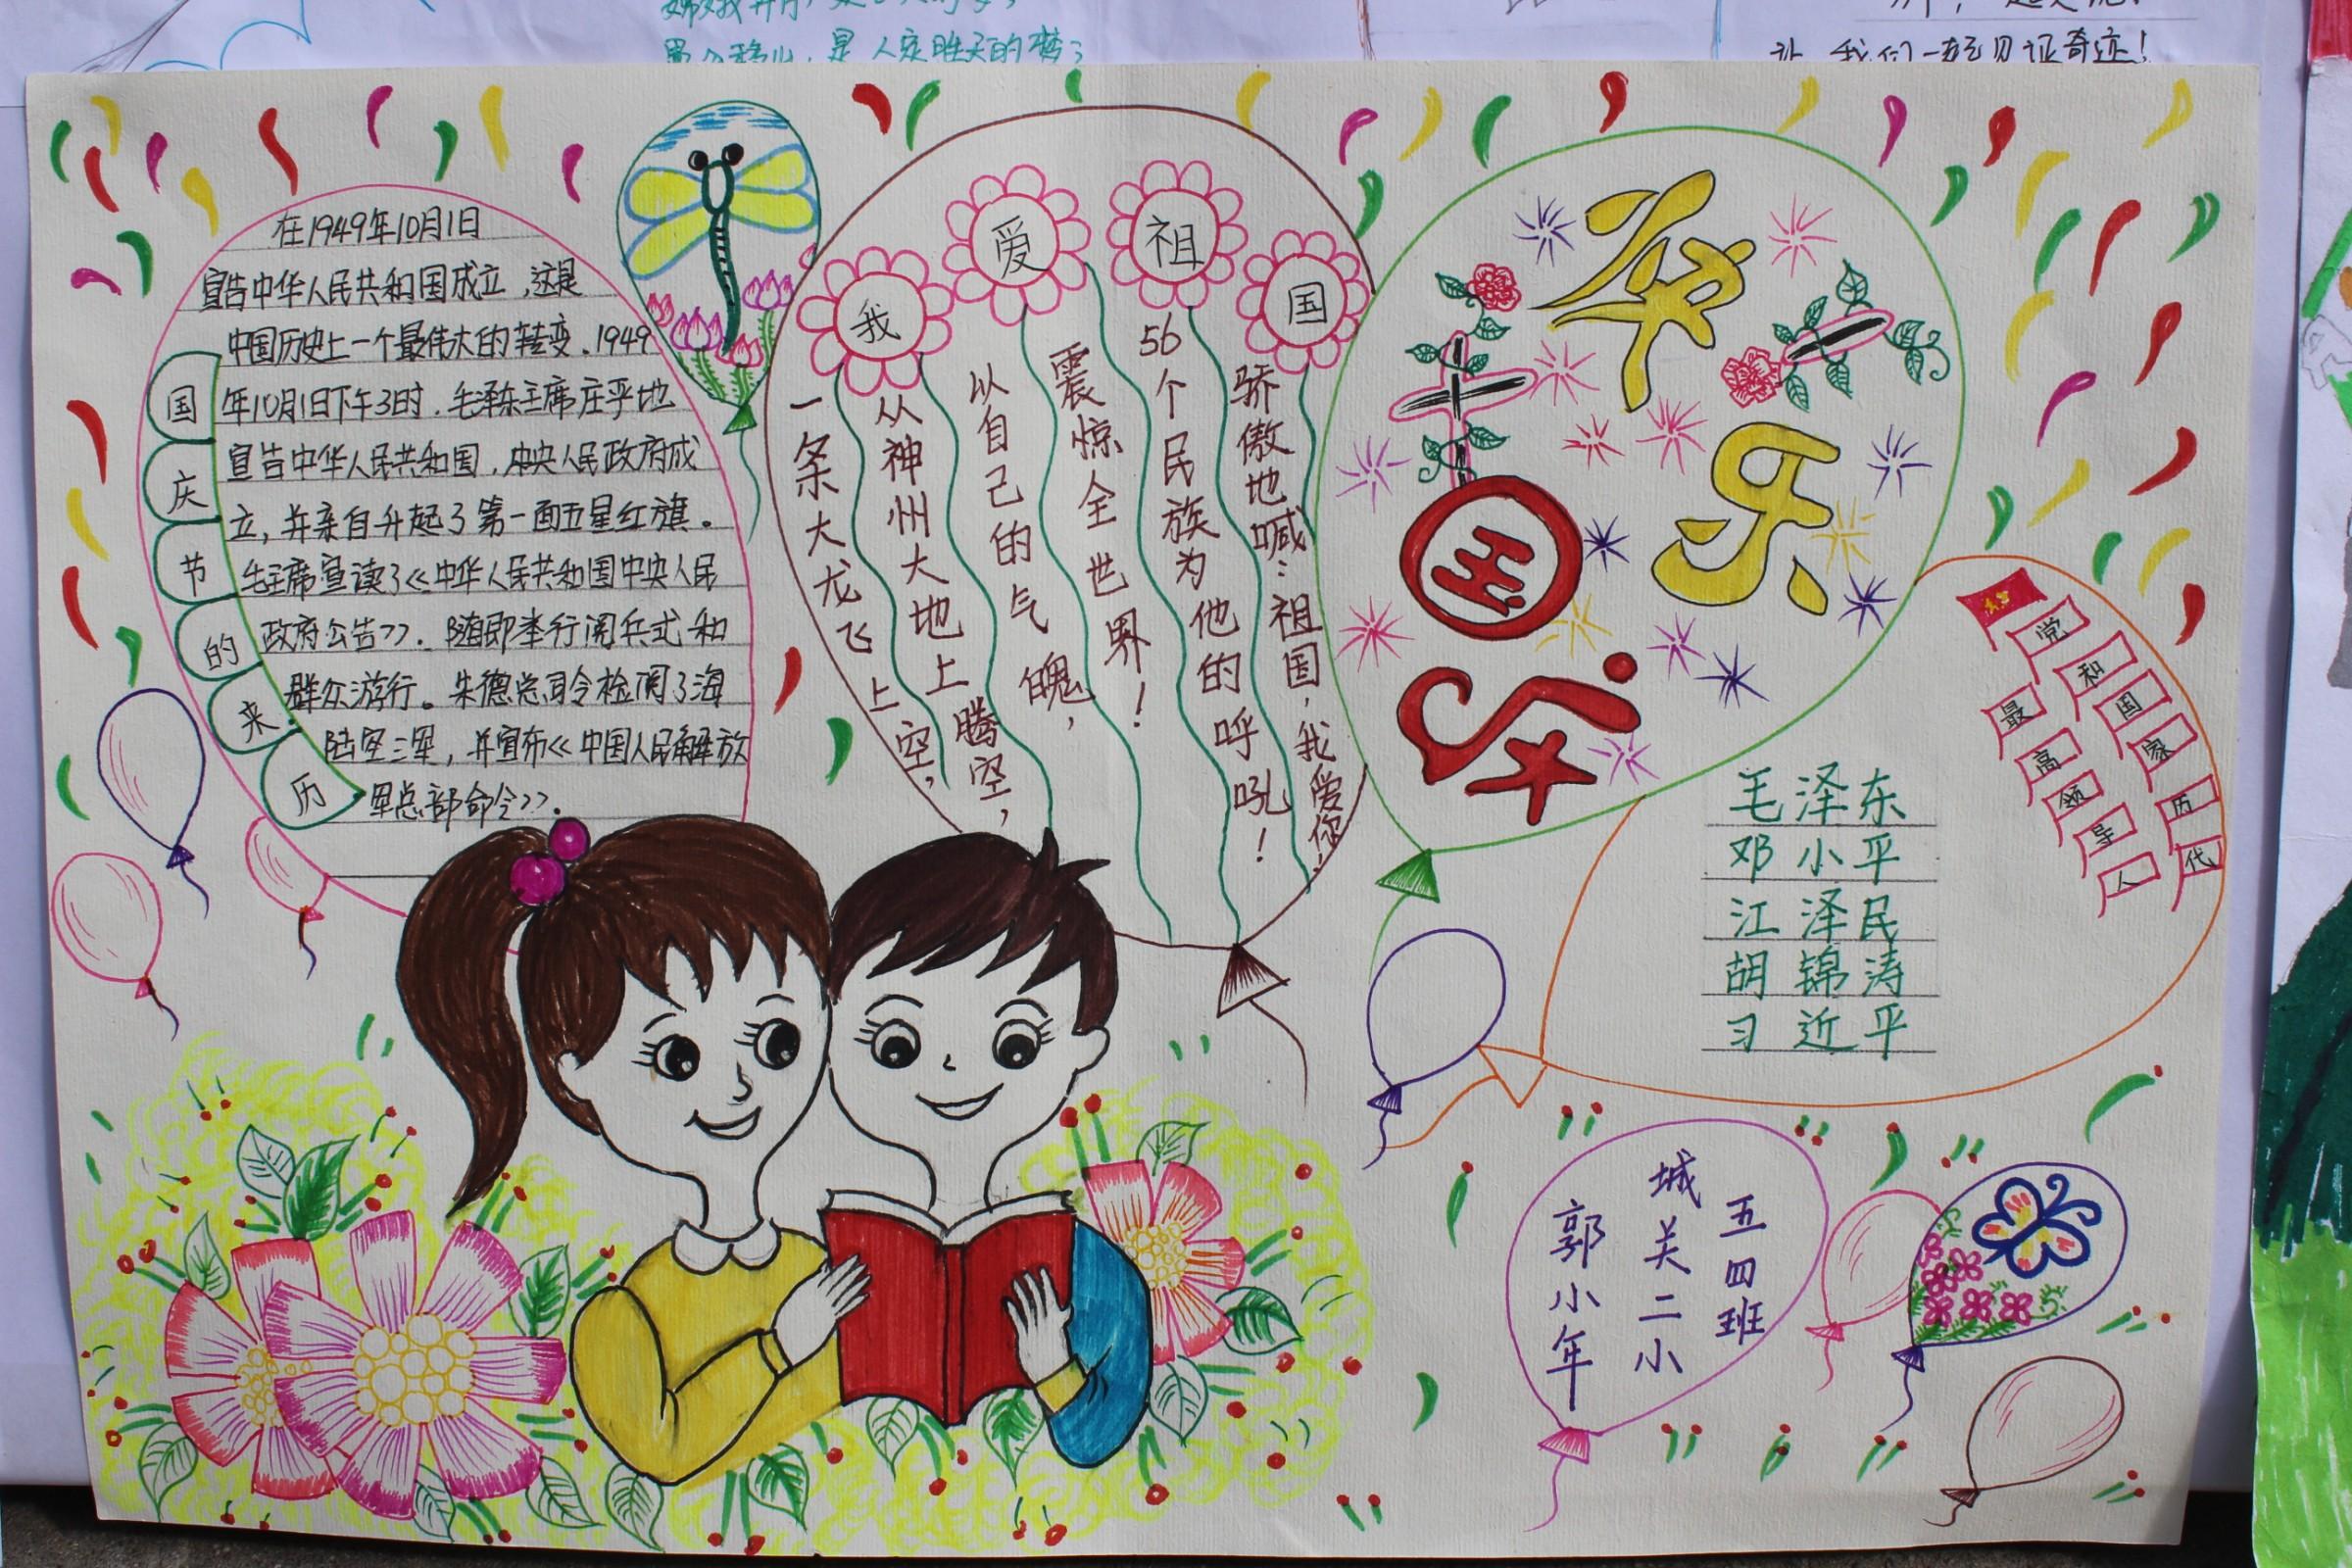 中国梦我的梦手抄报